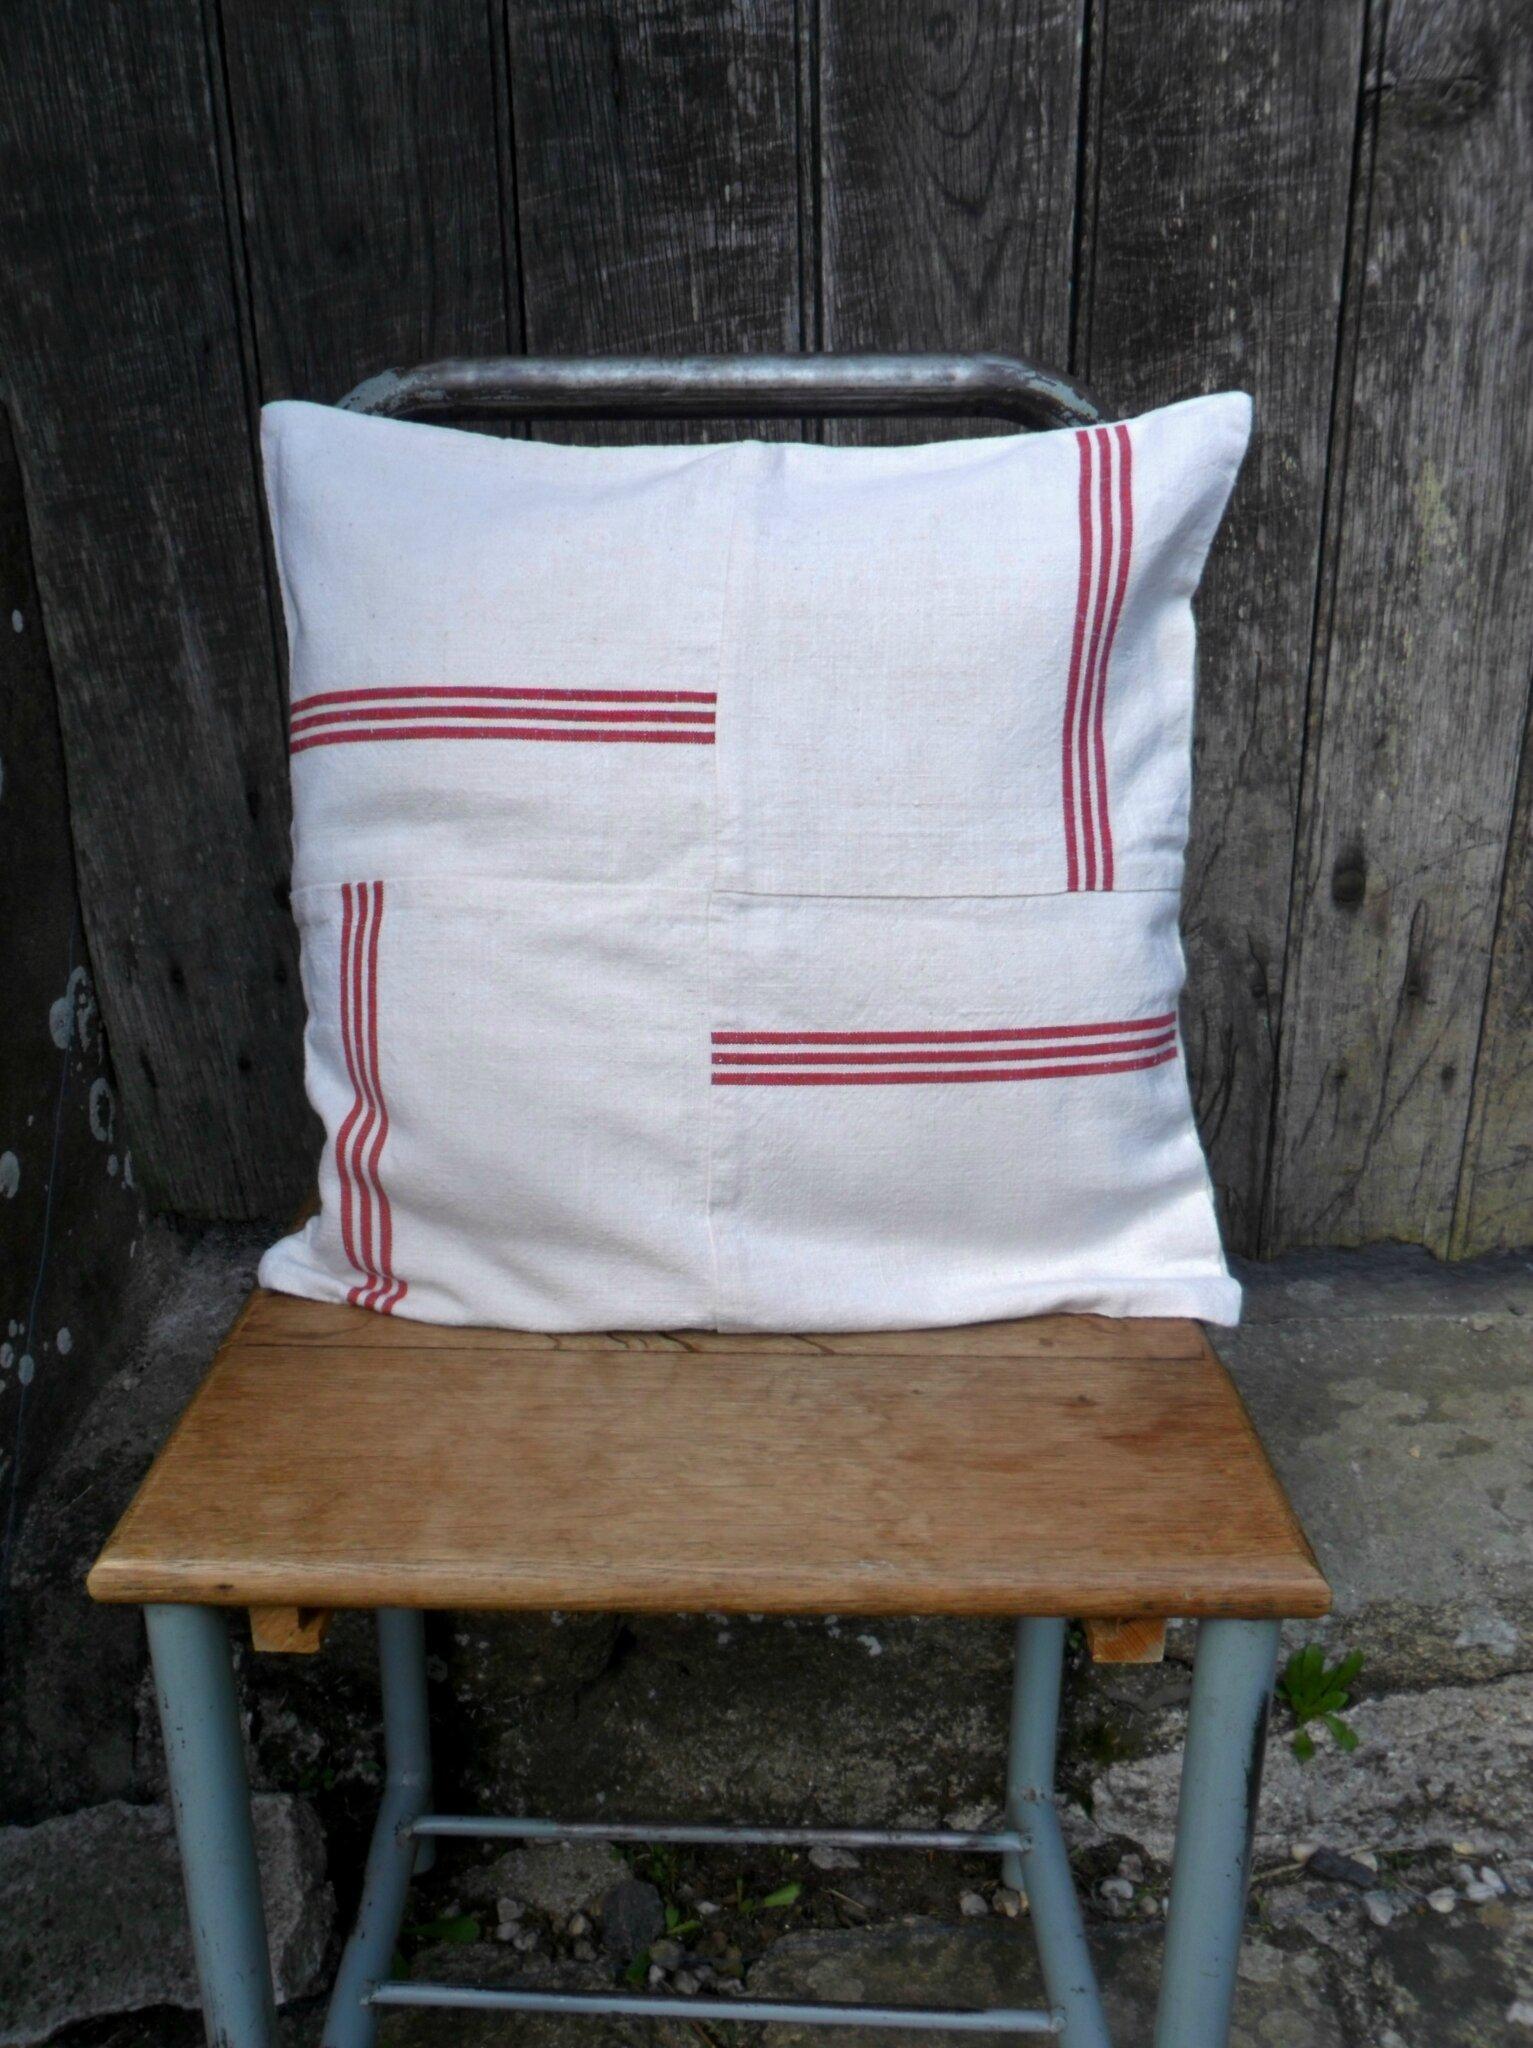 Housse de coussin en linge ancien, toile a torchons façon patchwork 25€